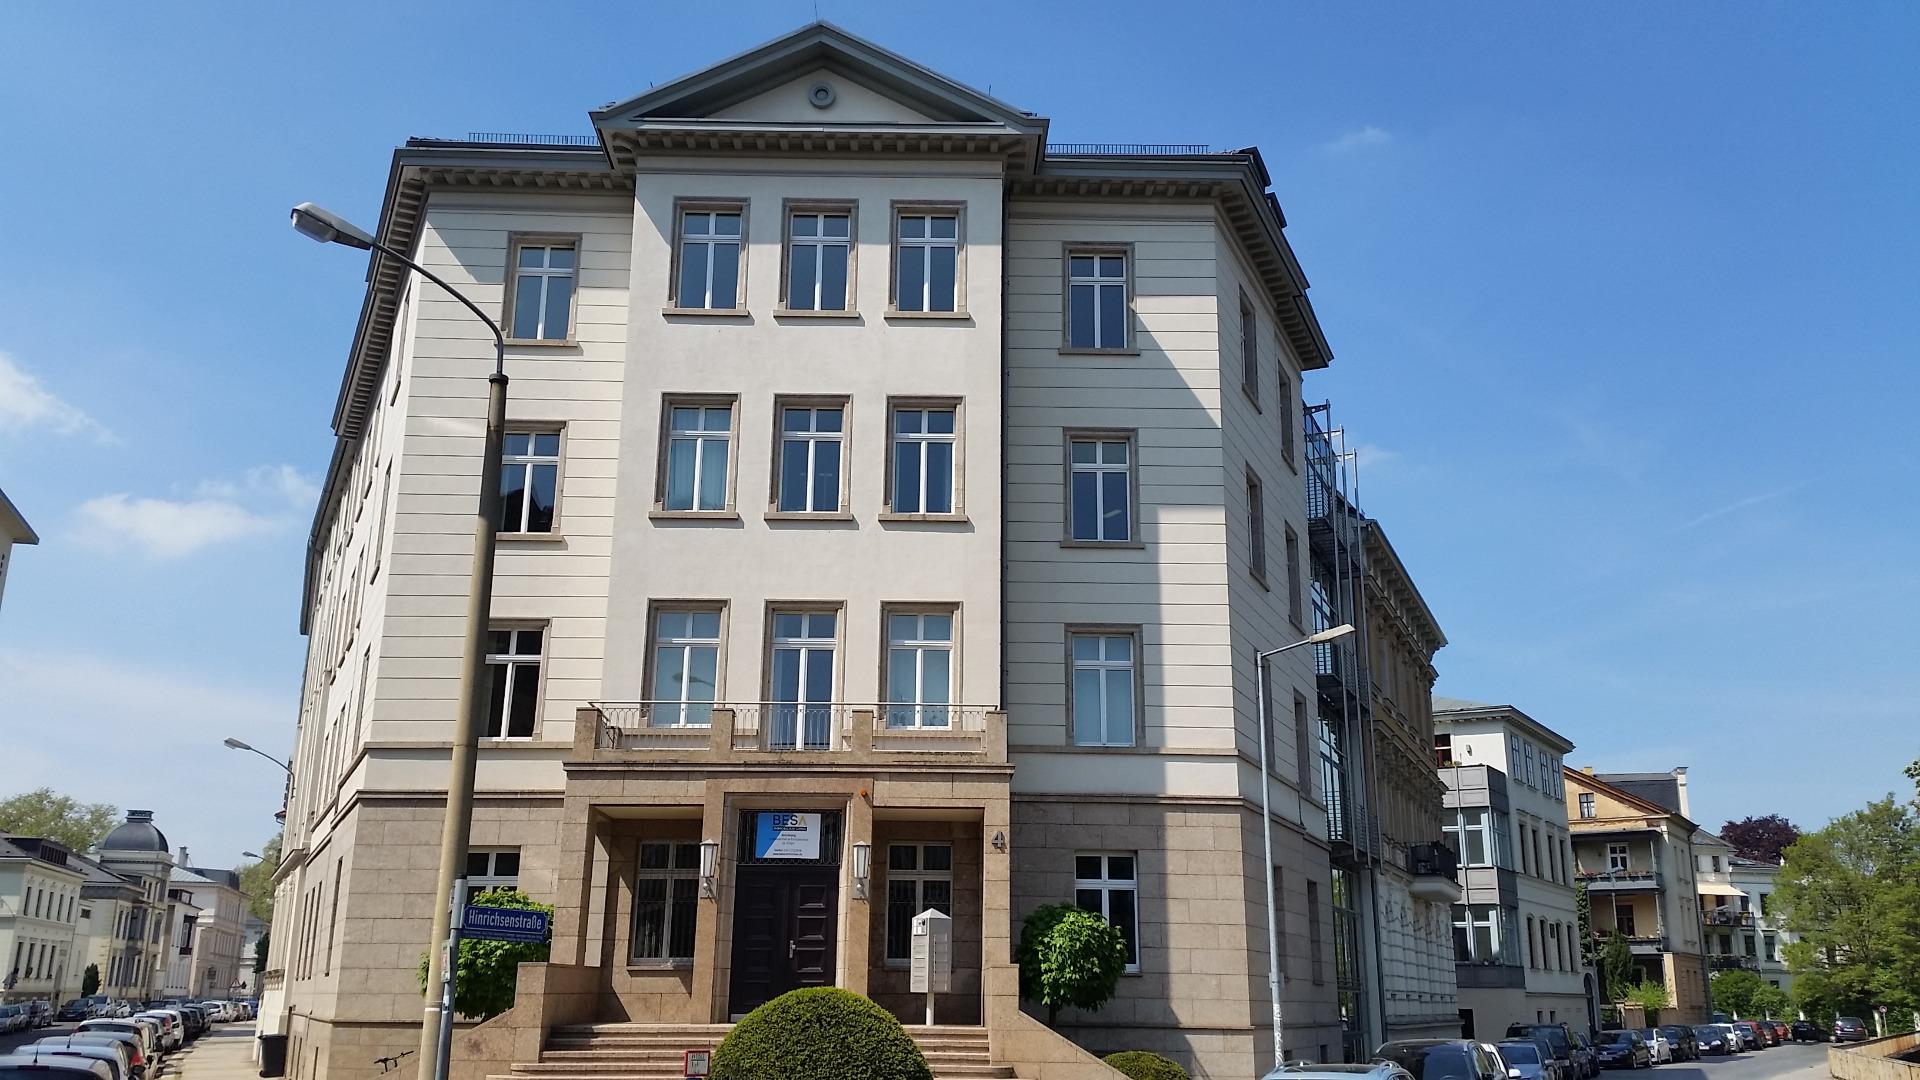 Billiger De Wachst Weiter Unternehmen Mit Neuem Buro In Leipzig